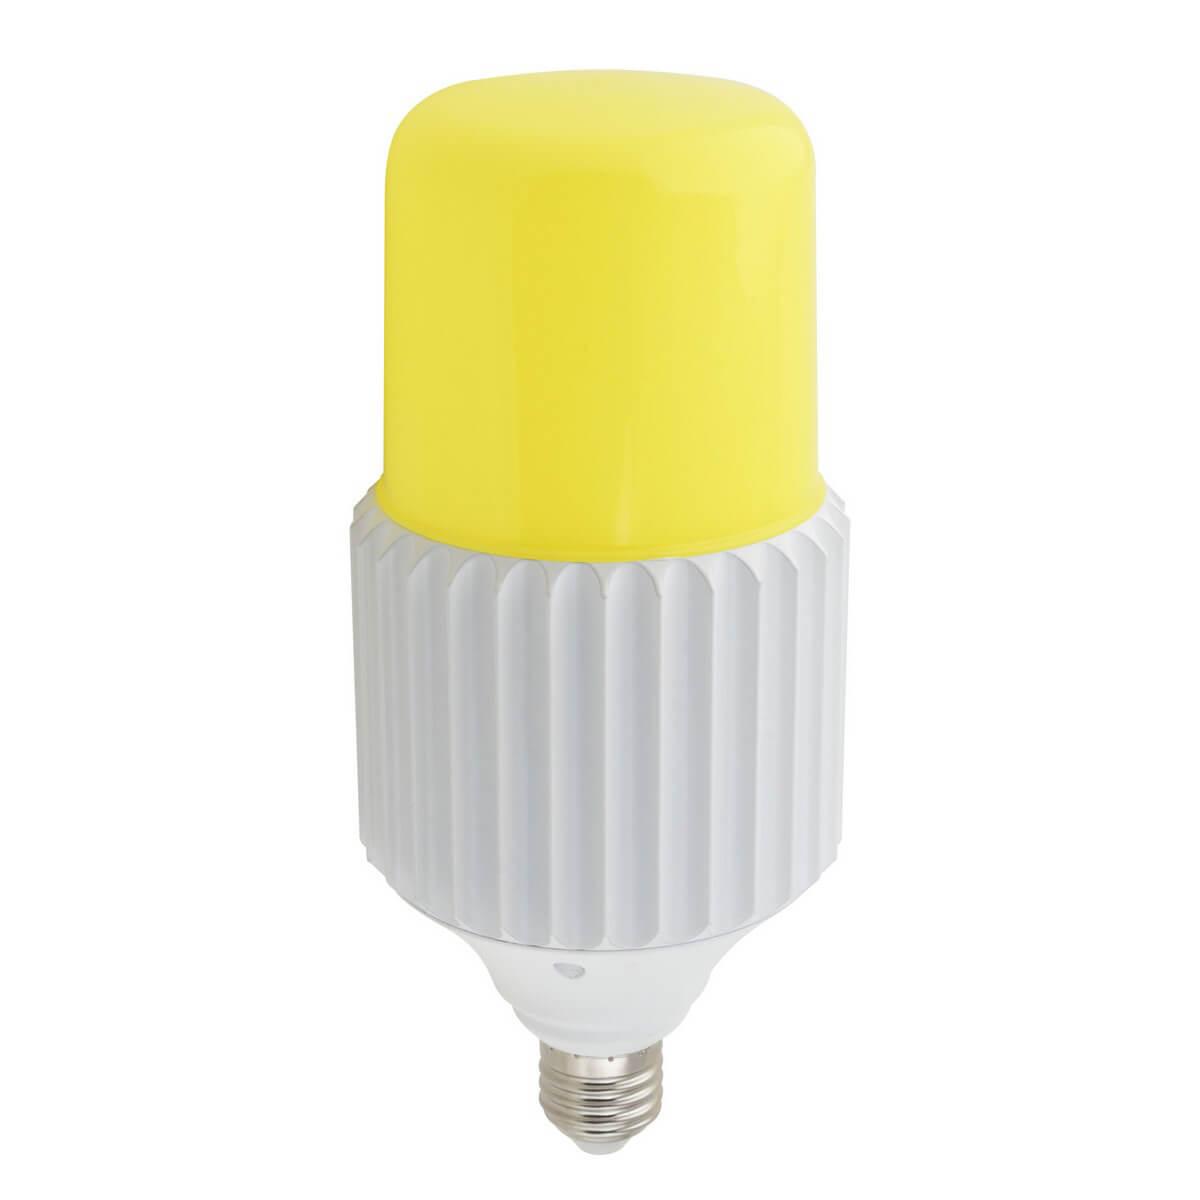 все цены на Лампа светодиодная сверхмощная (UL-00004079) Uniel E27 80W 6000K желтая LED-MP200-80W/6000K/E40/PH ALP06WH онлайн